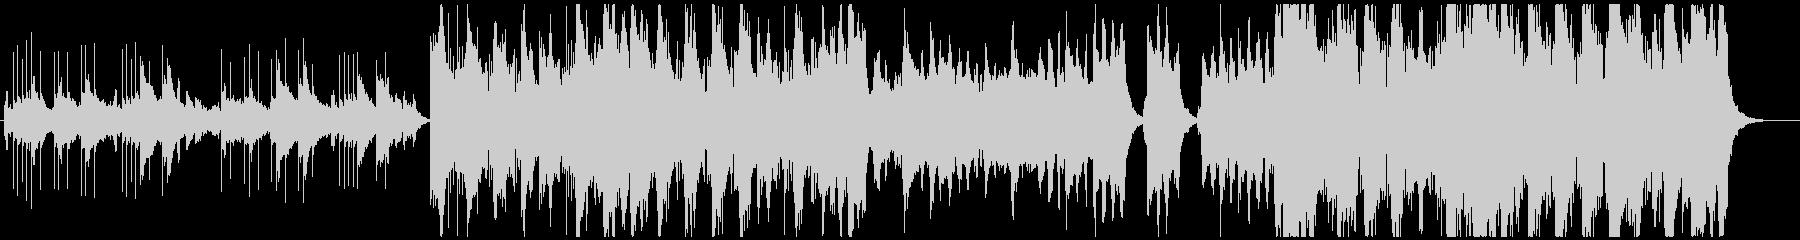 3拍子のハロウィン風オーケストラBGMの未再生の波形